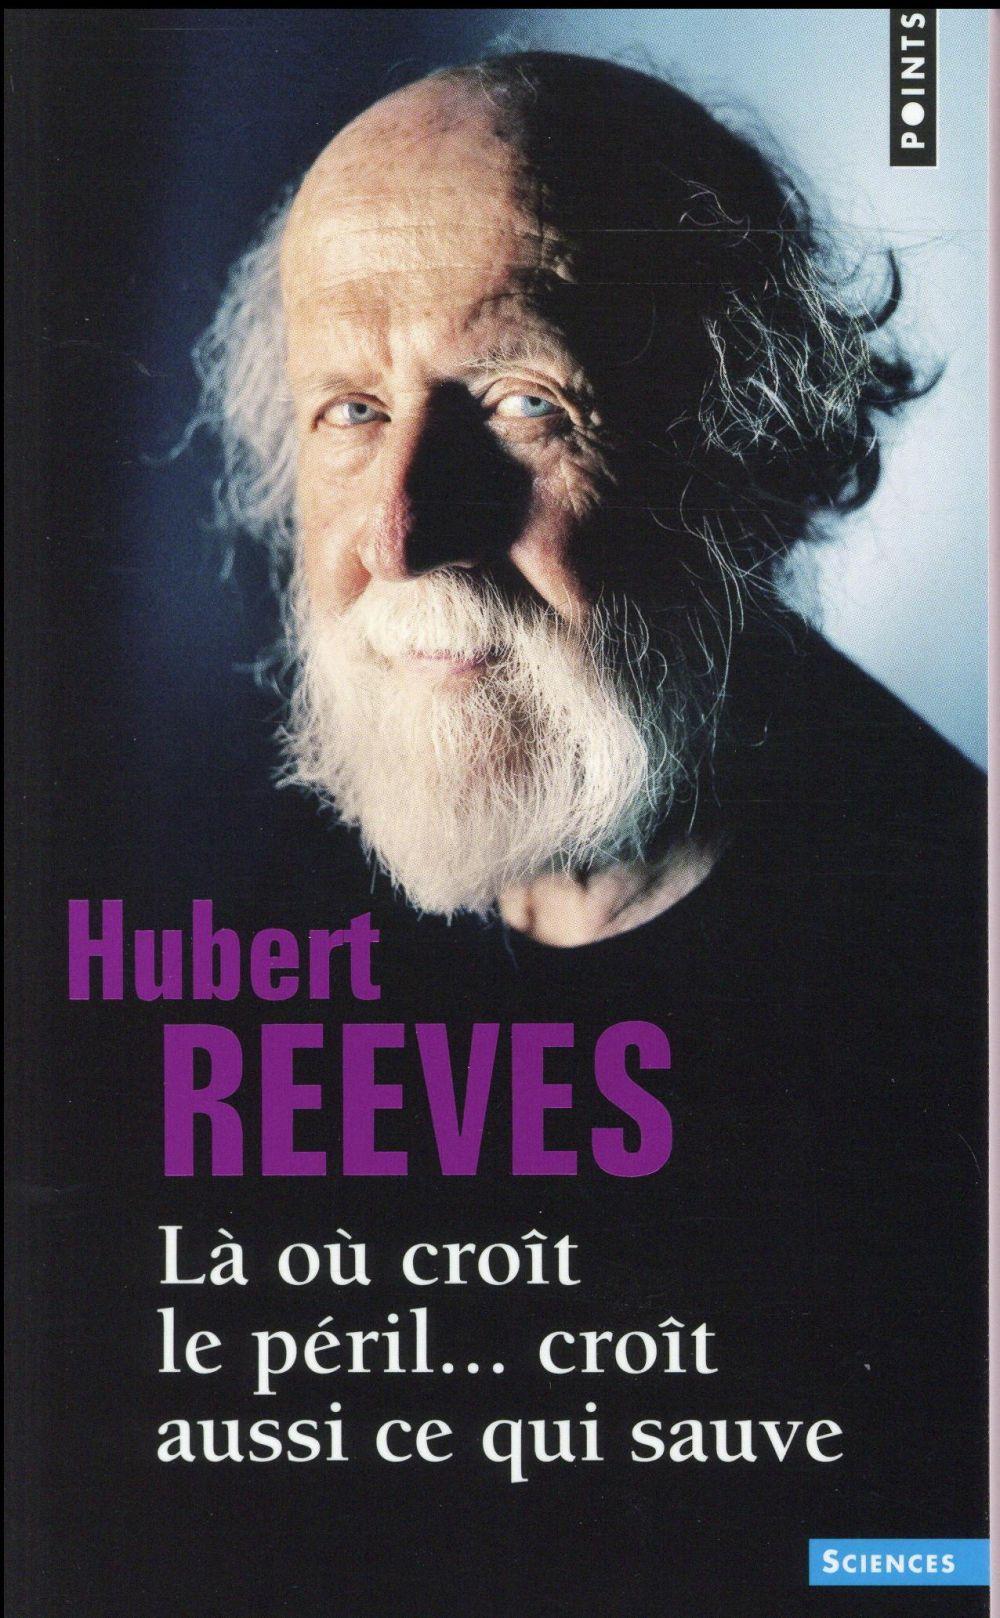 Reeves Hubert - LA OU CROIT LE PERIL... CROIT AUSSI CE QUI SAUVE